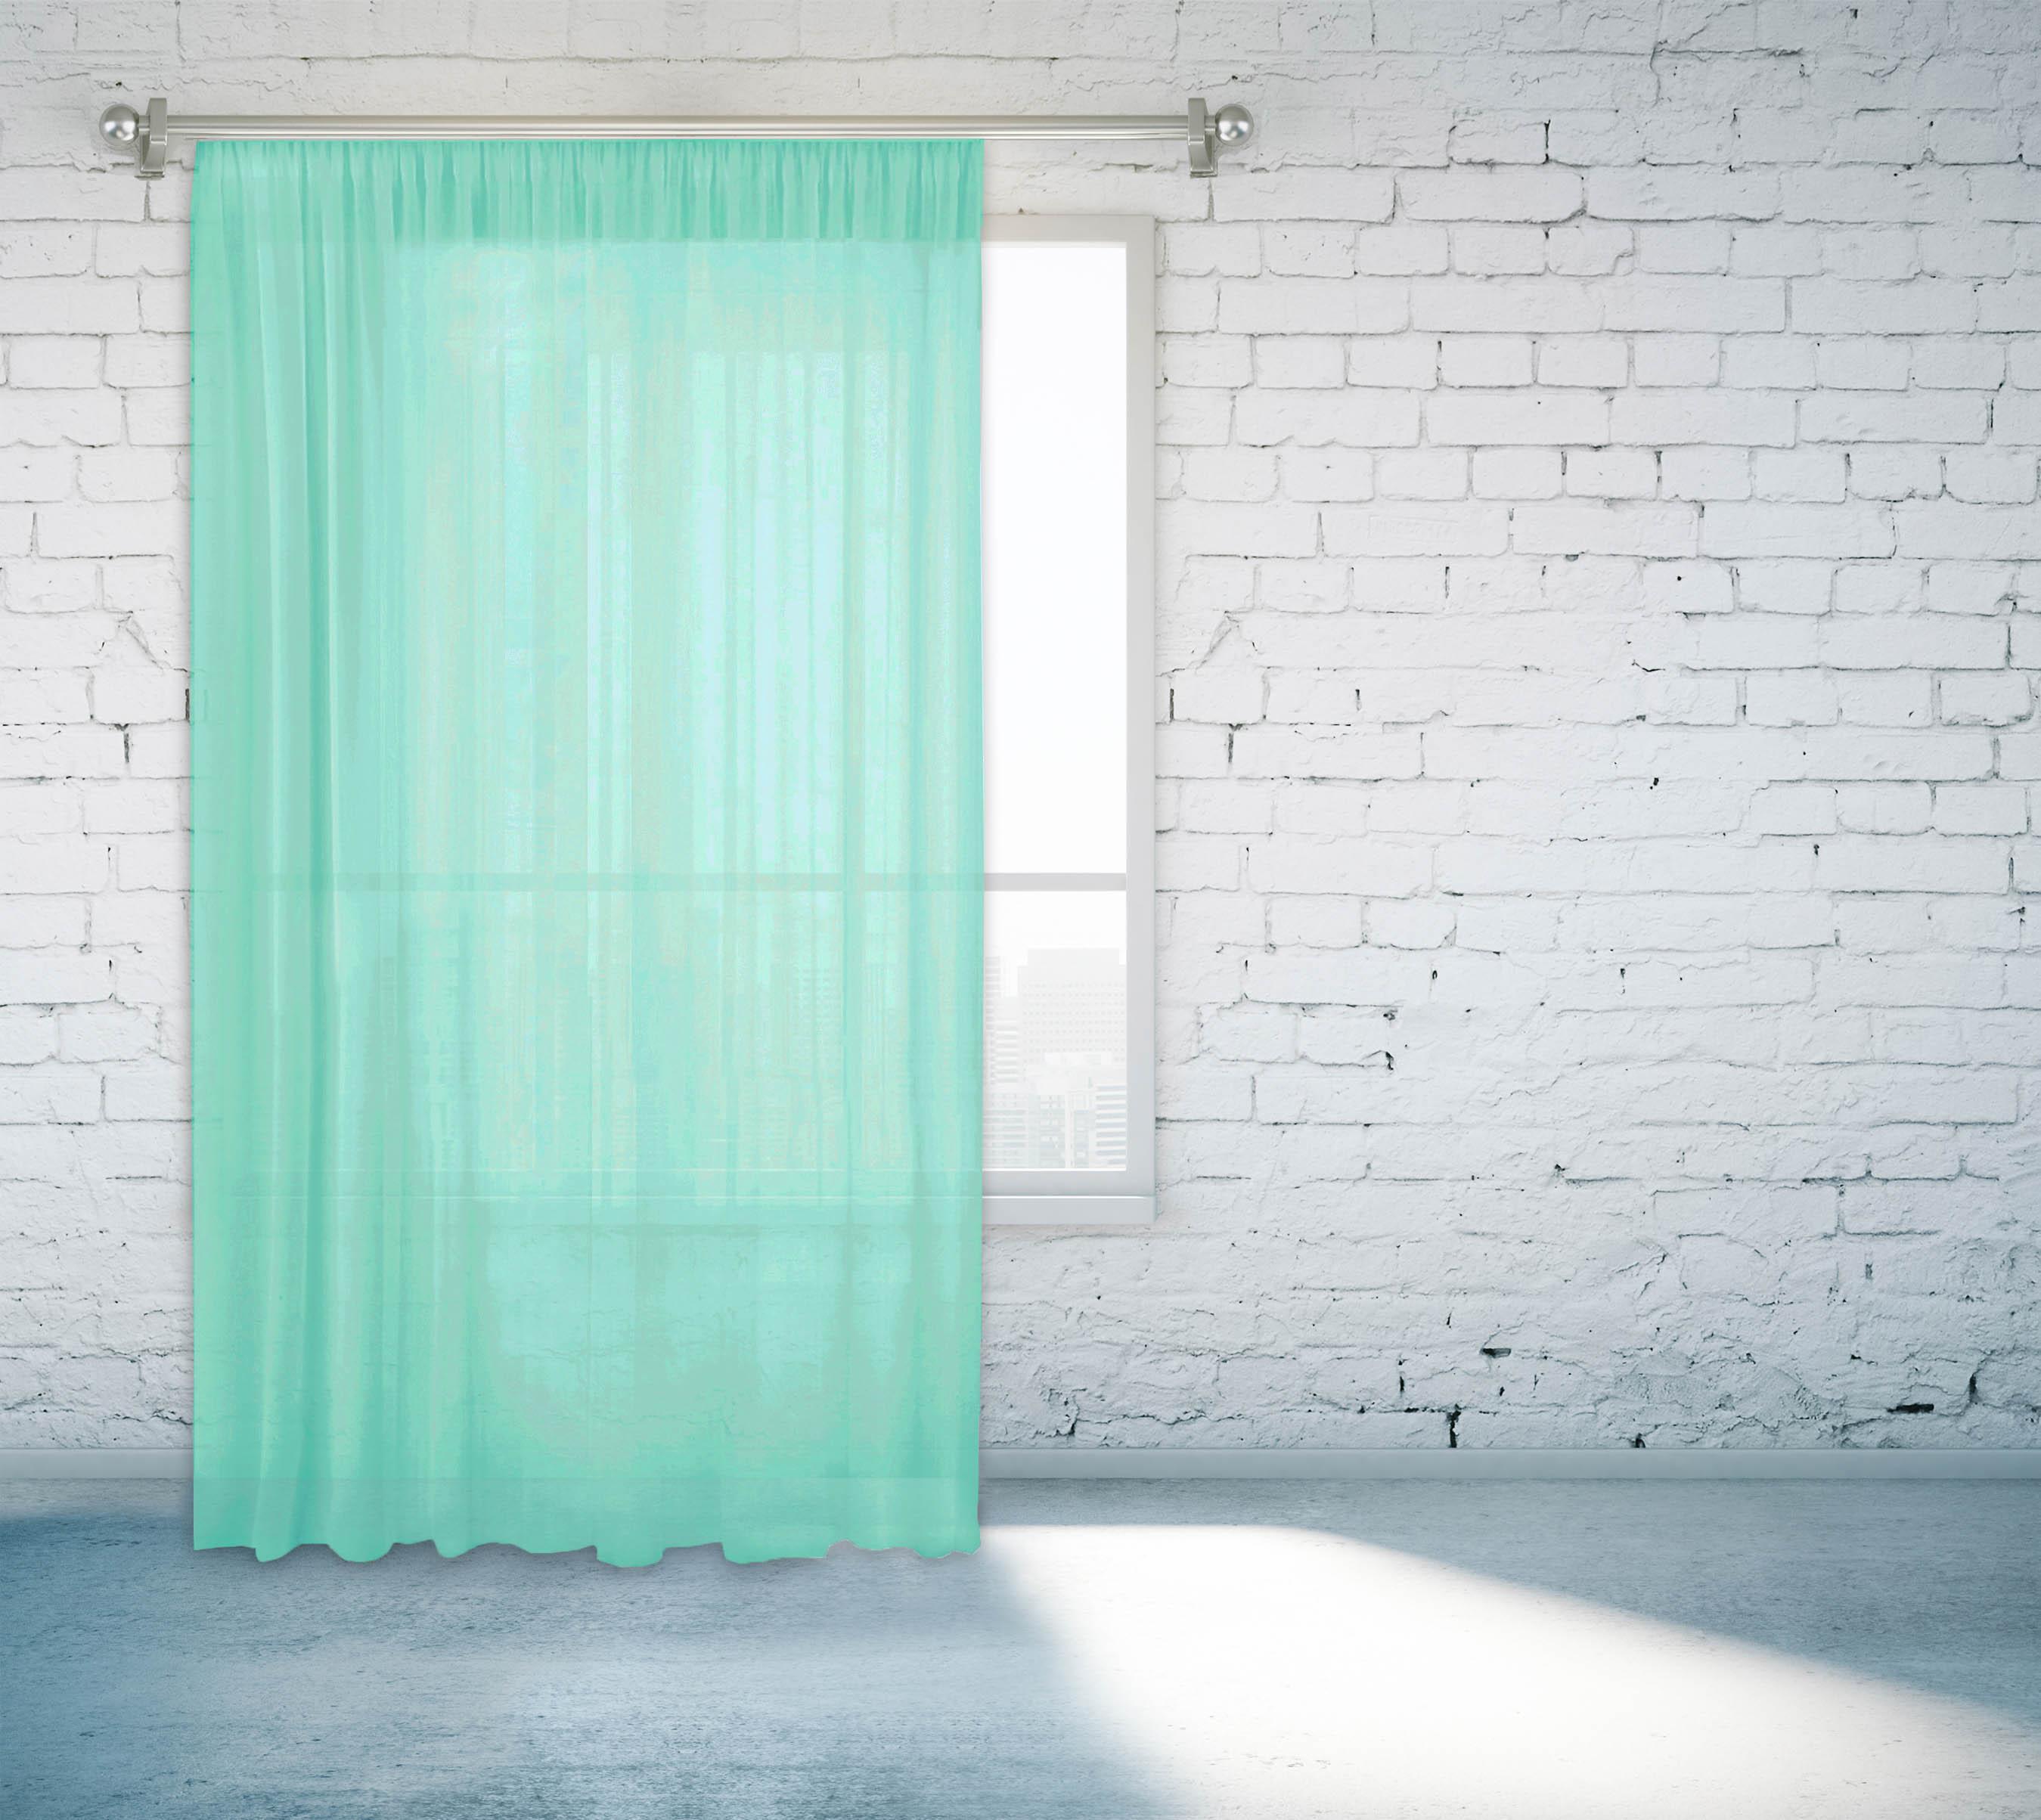 Купить Шторы Zlata Korunka, Классические шторы Adin Цвет: Бирюзовый, Россия, Голубой, Вуаль